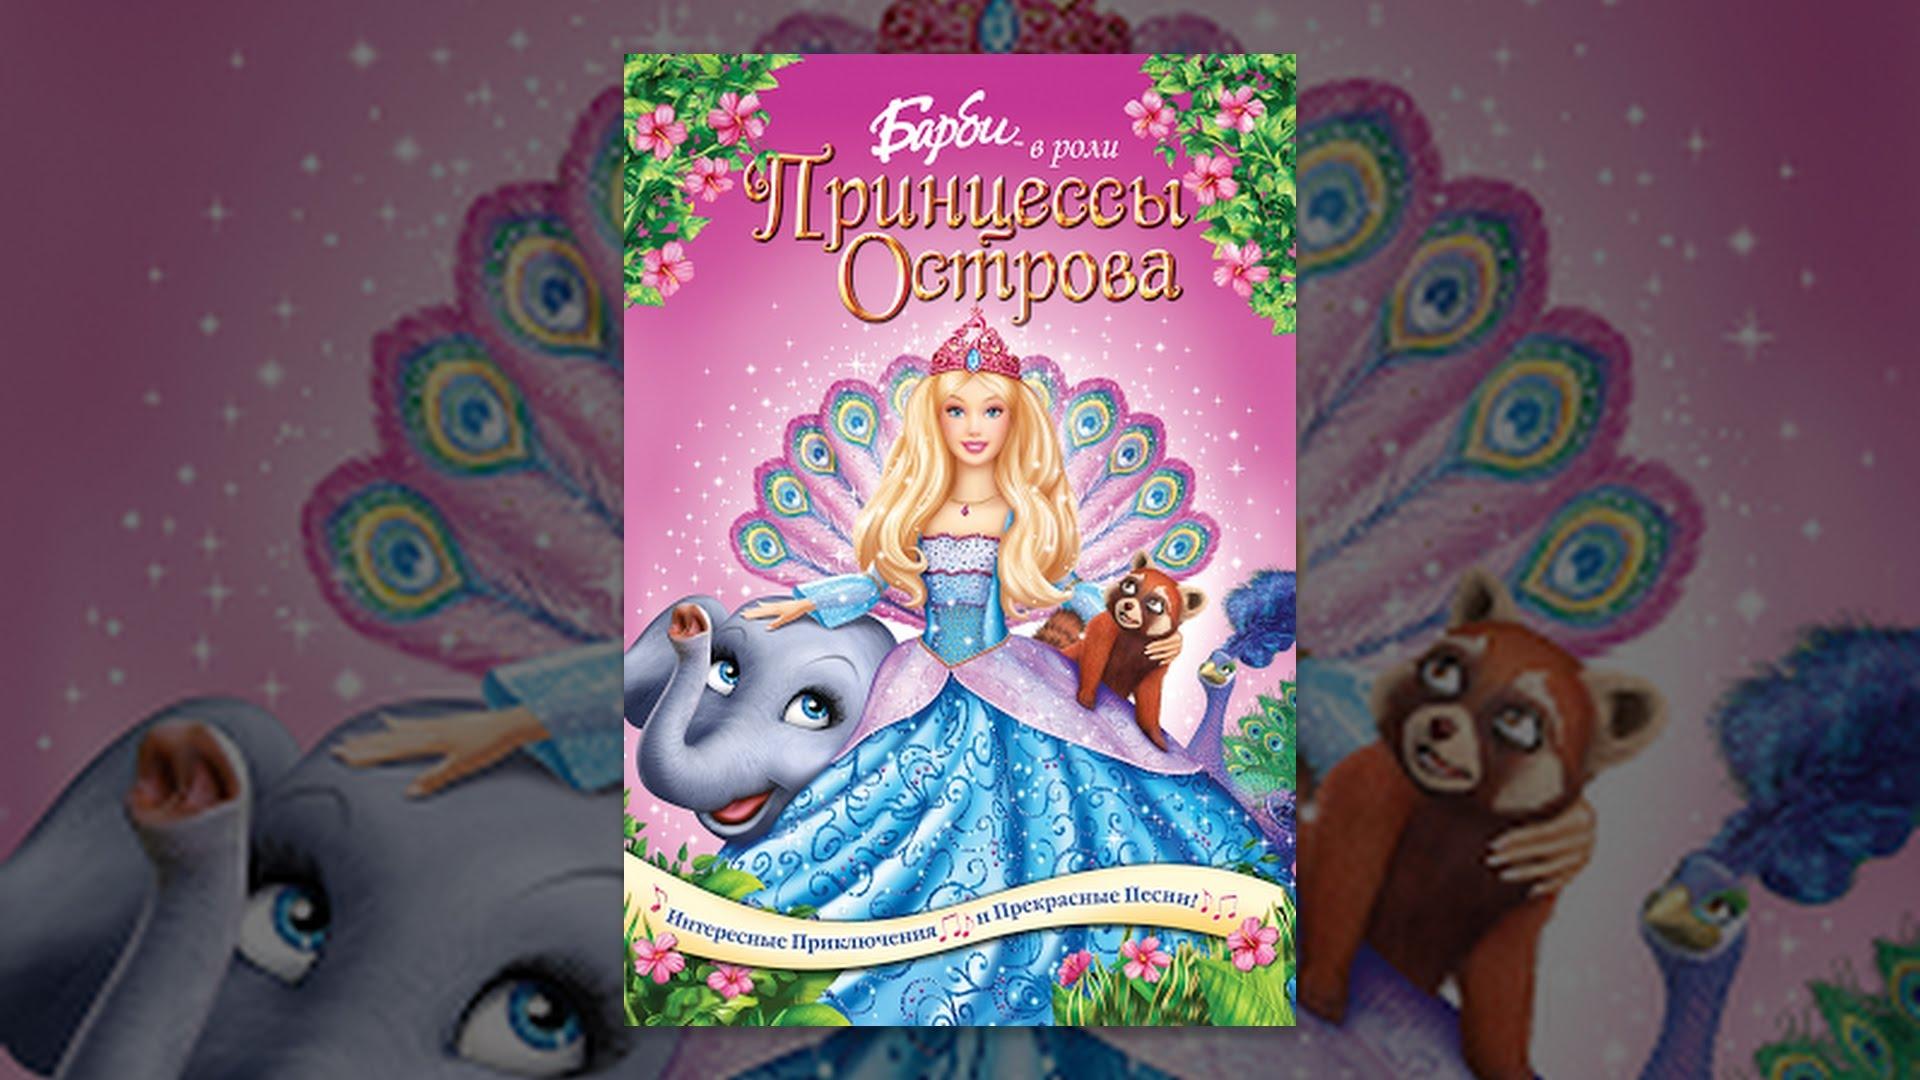 Барби в роли Принцессы Острова - YouTube